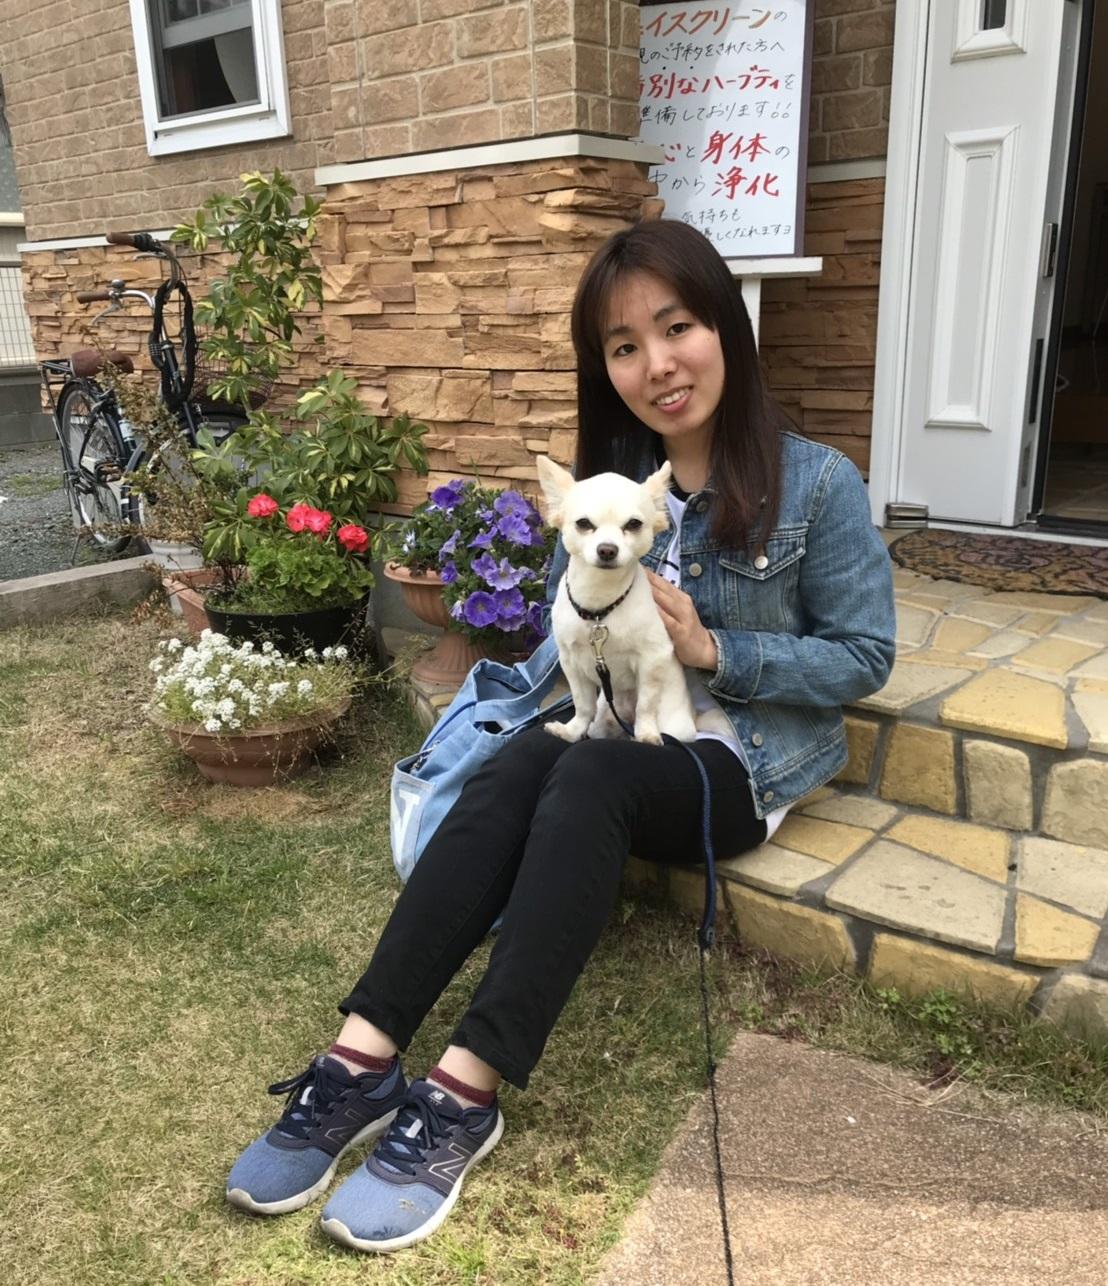 笑顔の素敵な最年少Iちゃんと看板犬(シン・セシア)